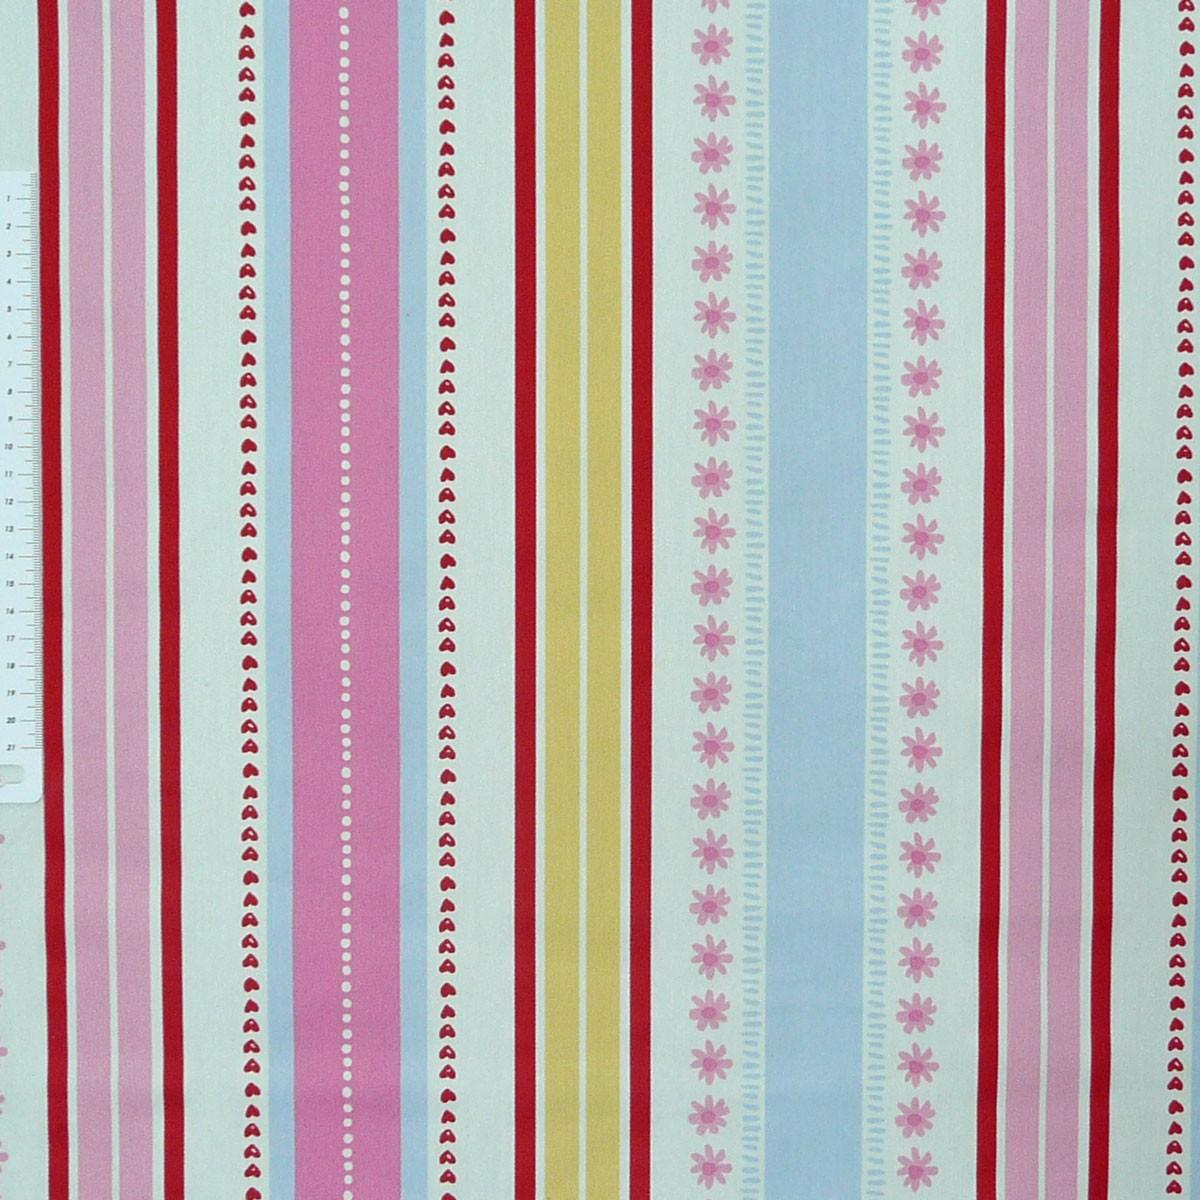 dekostoff streifen bunt mit herzen und blumen gardinenstoff stoffe stoffe gemustert stoff streifen. Black Bedroom Furniture Sets. Home Design Ideas